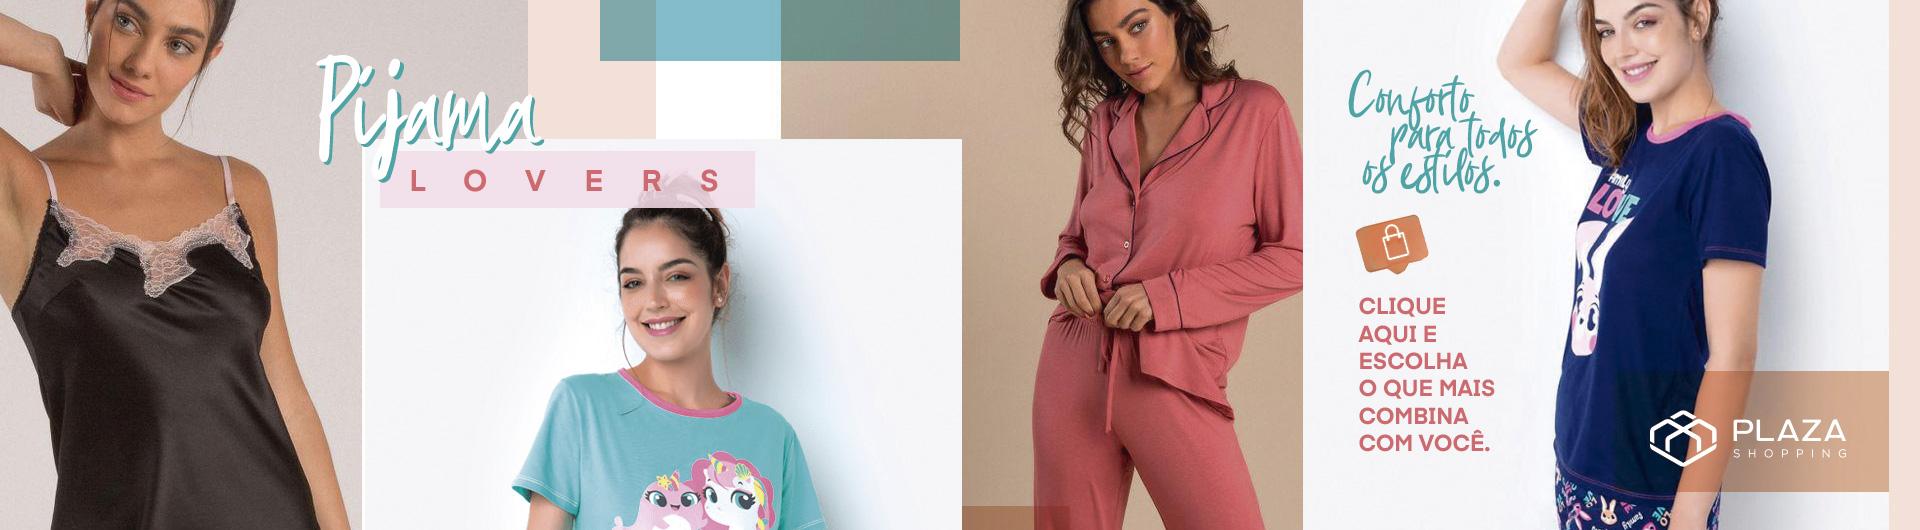 Pijama Lovers, conforto para todos os estilos!